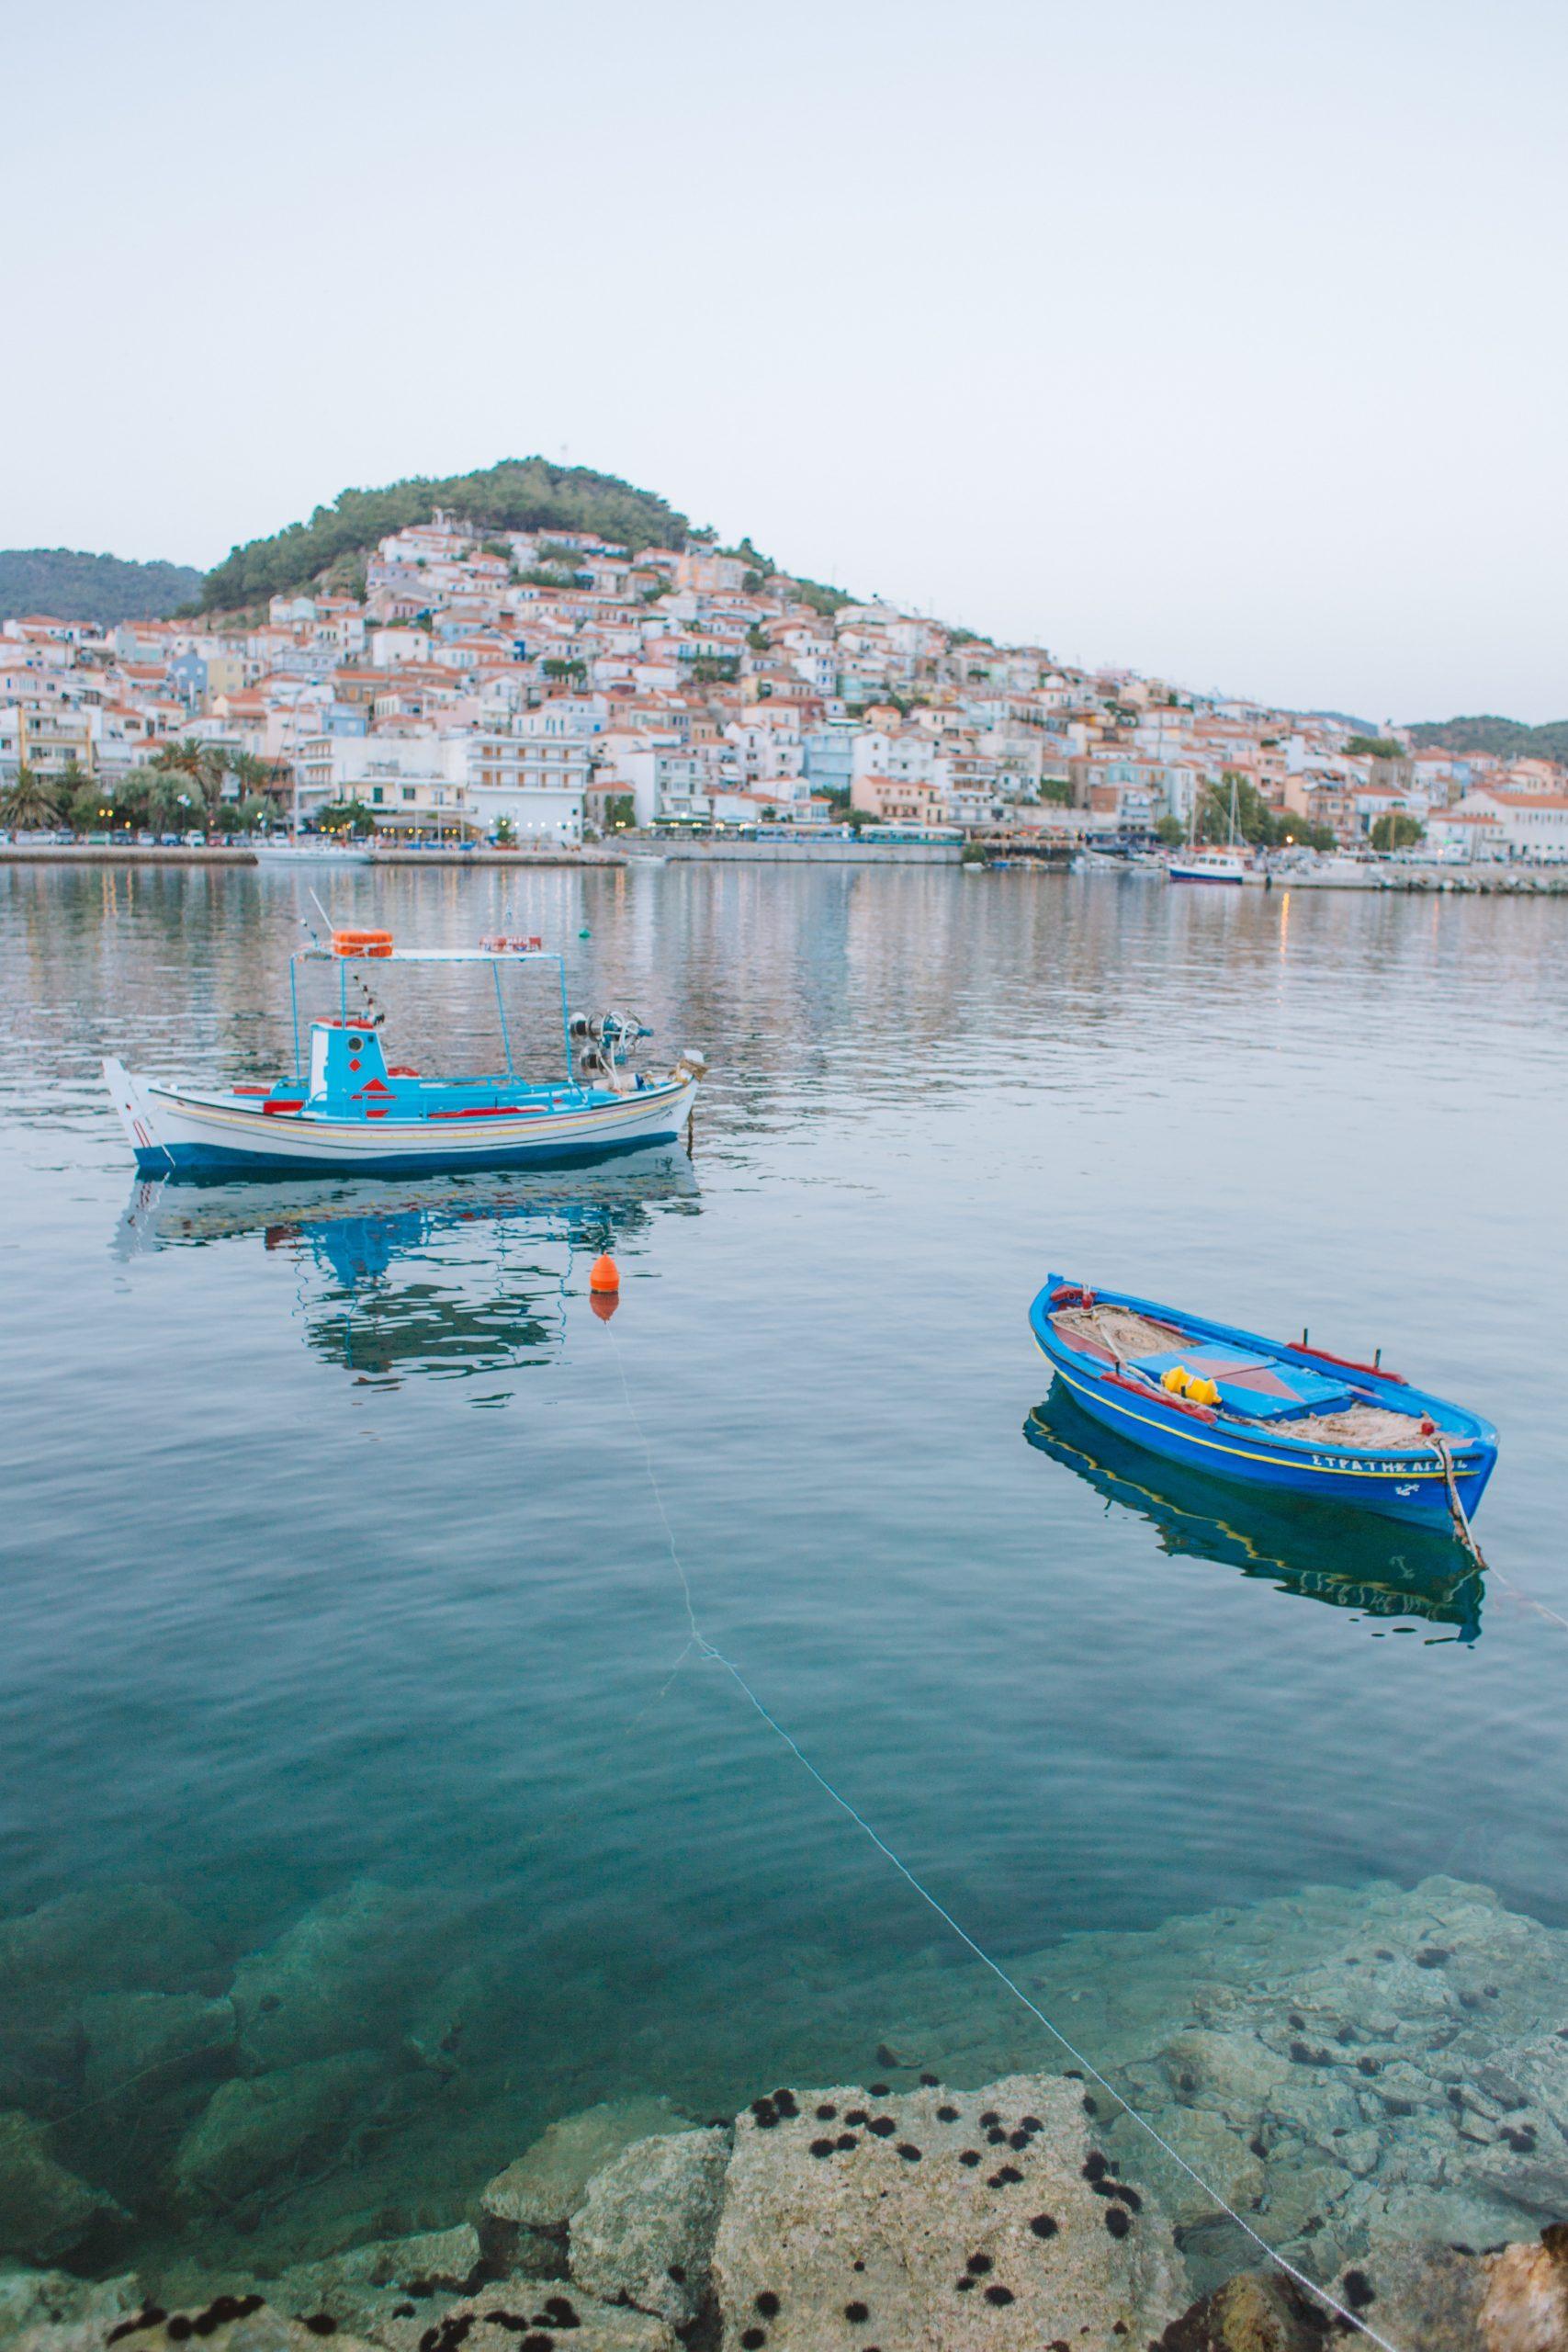 baie-de-somme-bateaux